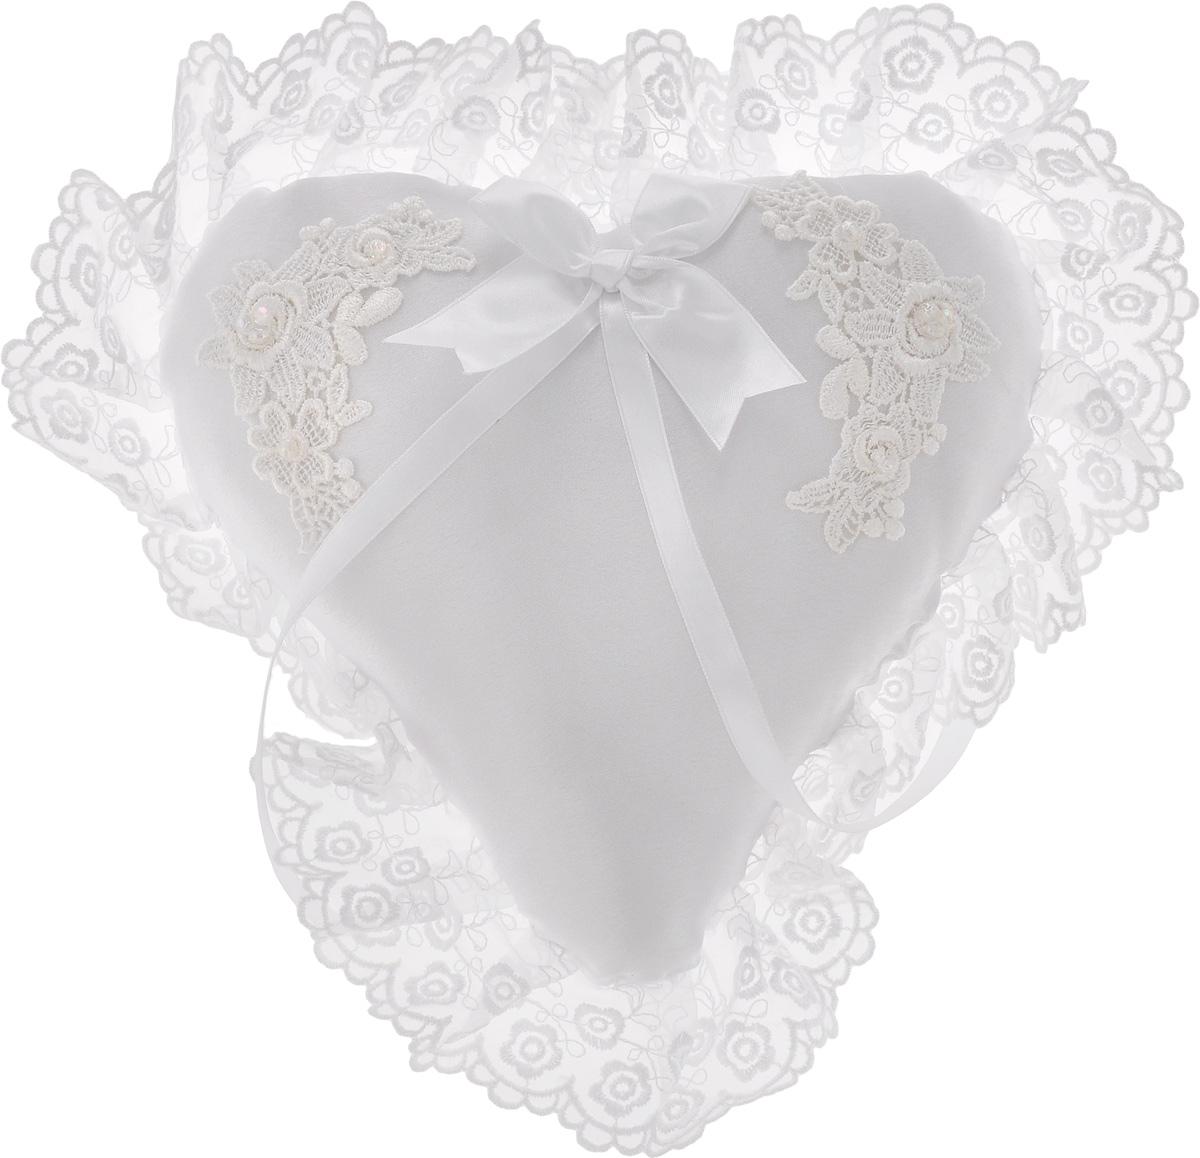 Подушечка для колец Bianco Sole Свадебная, 30 х 30 см139349Подушечка для колец с кружевом Bianco Sole Свадебная будет просто великолепно выглядеть на свадебных фотографиях! Подушечка вручную изготовлена из нежного атласа белого цвета, украшена изящным кружевом, бантом и лентами. Обручальные кольца закрепляются на тонких атласных ленточках. На такой подушечке в виде сердца ваши обручальные кольца будут смотреться очень красиво! Размер подушечки: 30 х 30 см.